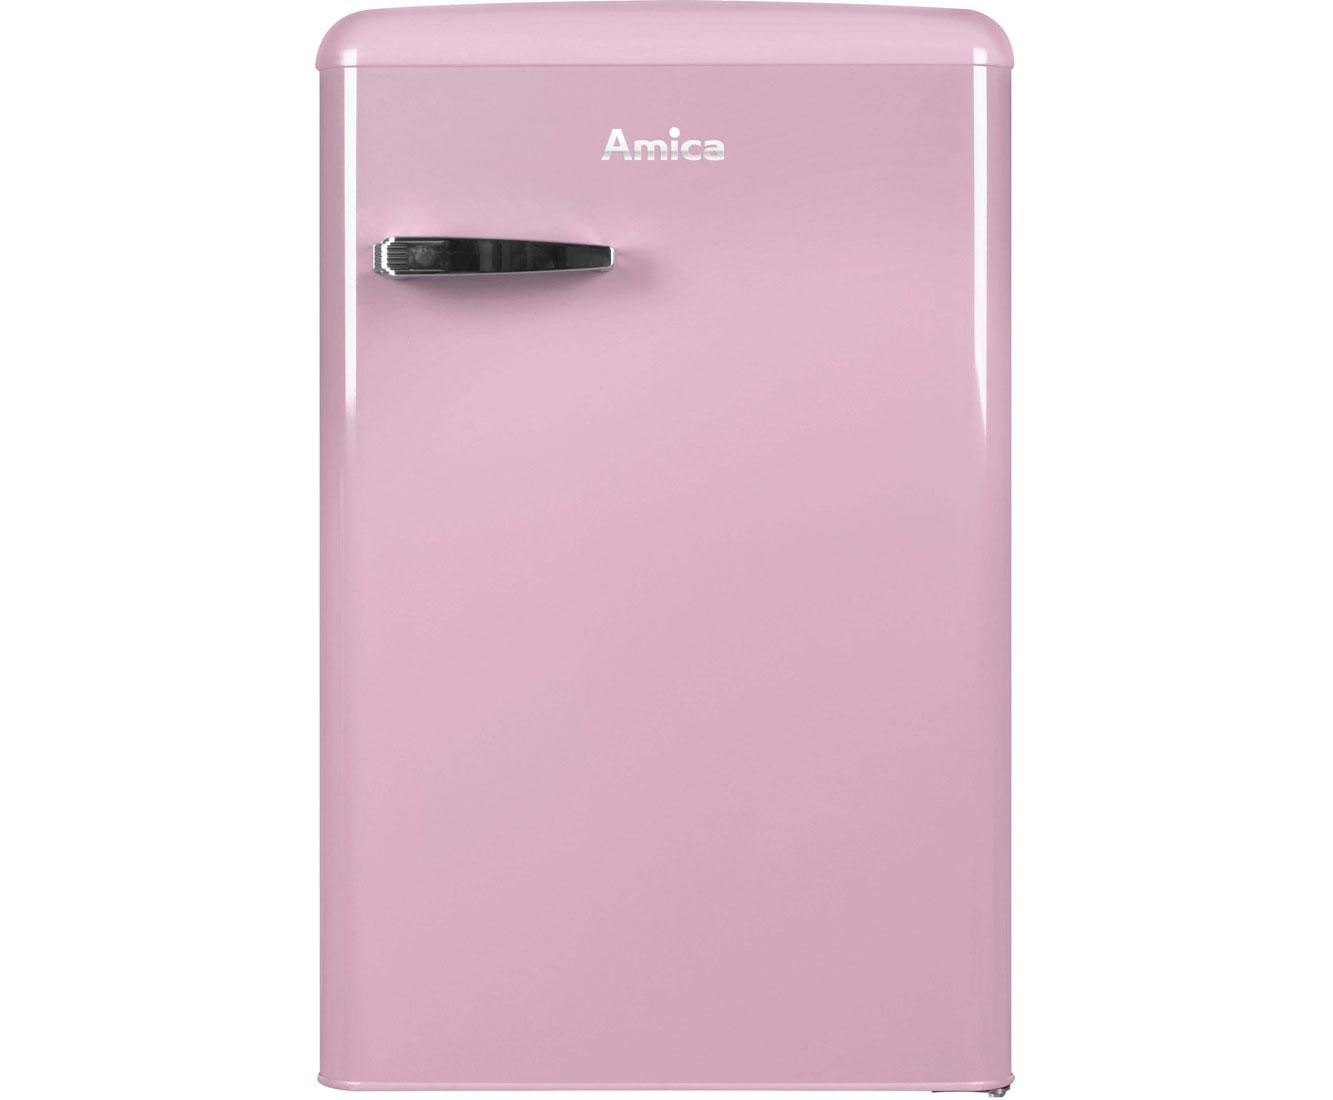 Bosch Kühlschrank Farbig : Ergebnisse zu bosch retrokühlschrank